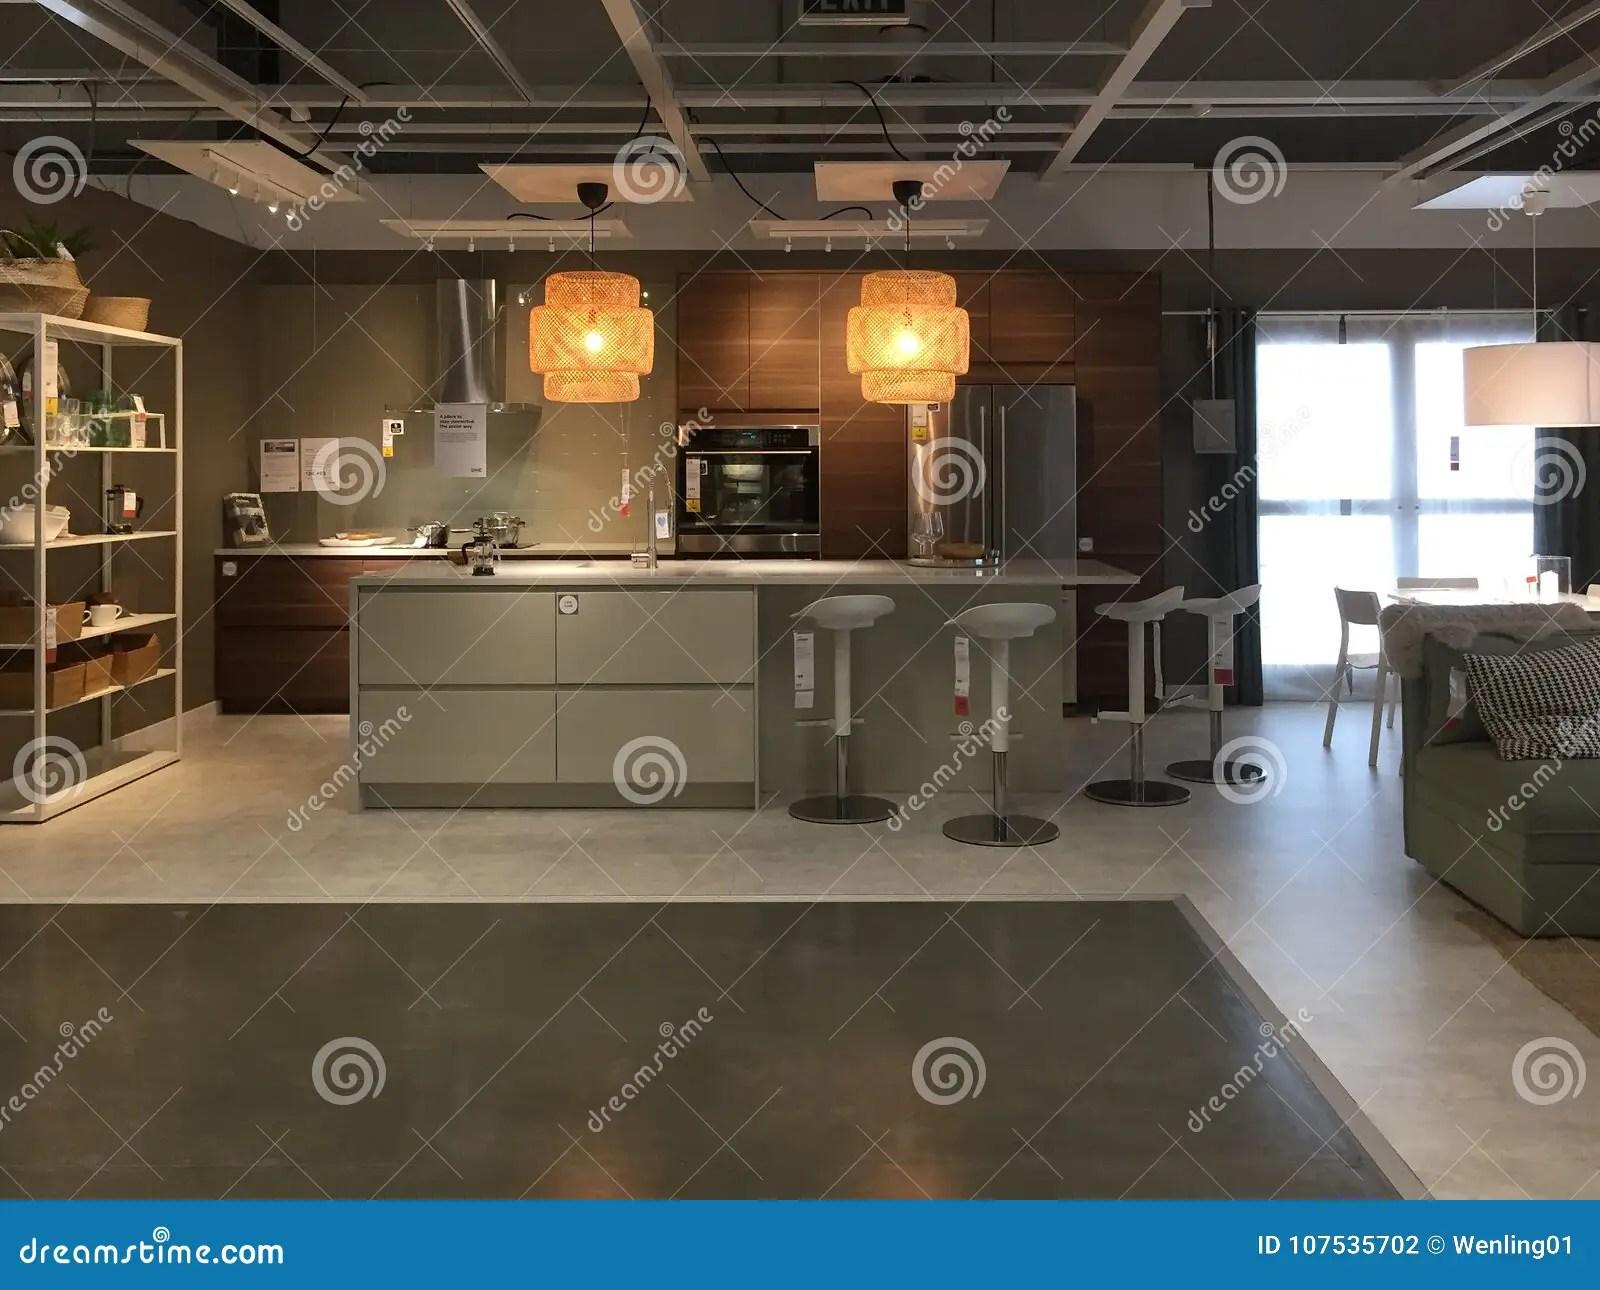 kitchen design stores island sets 在装备的商店宜家的现代厨房设计图库摄影片 图片包括有搭配 厨具 行业 在装备的商店宜家的现代厨房设计